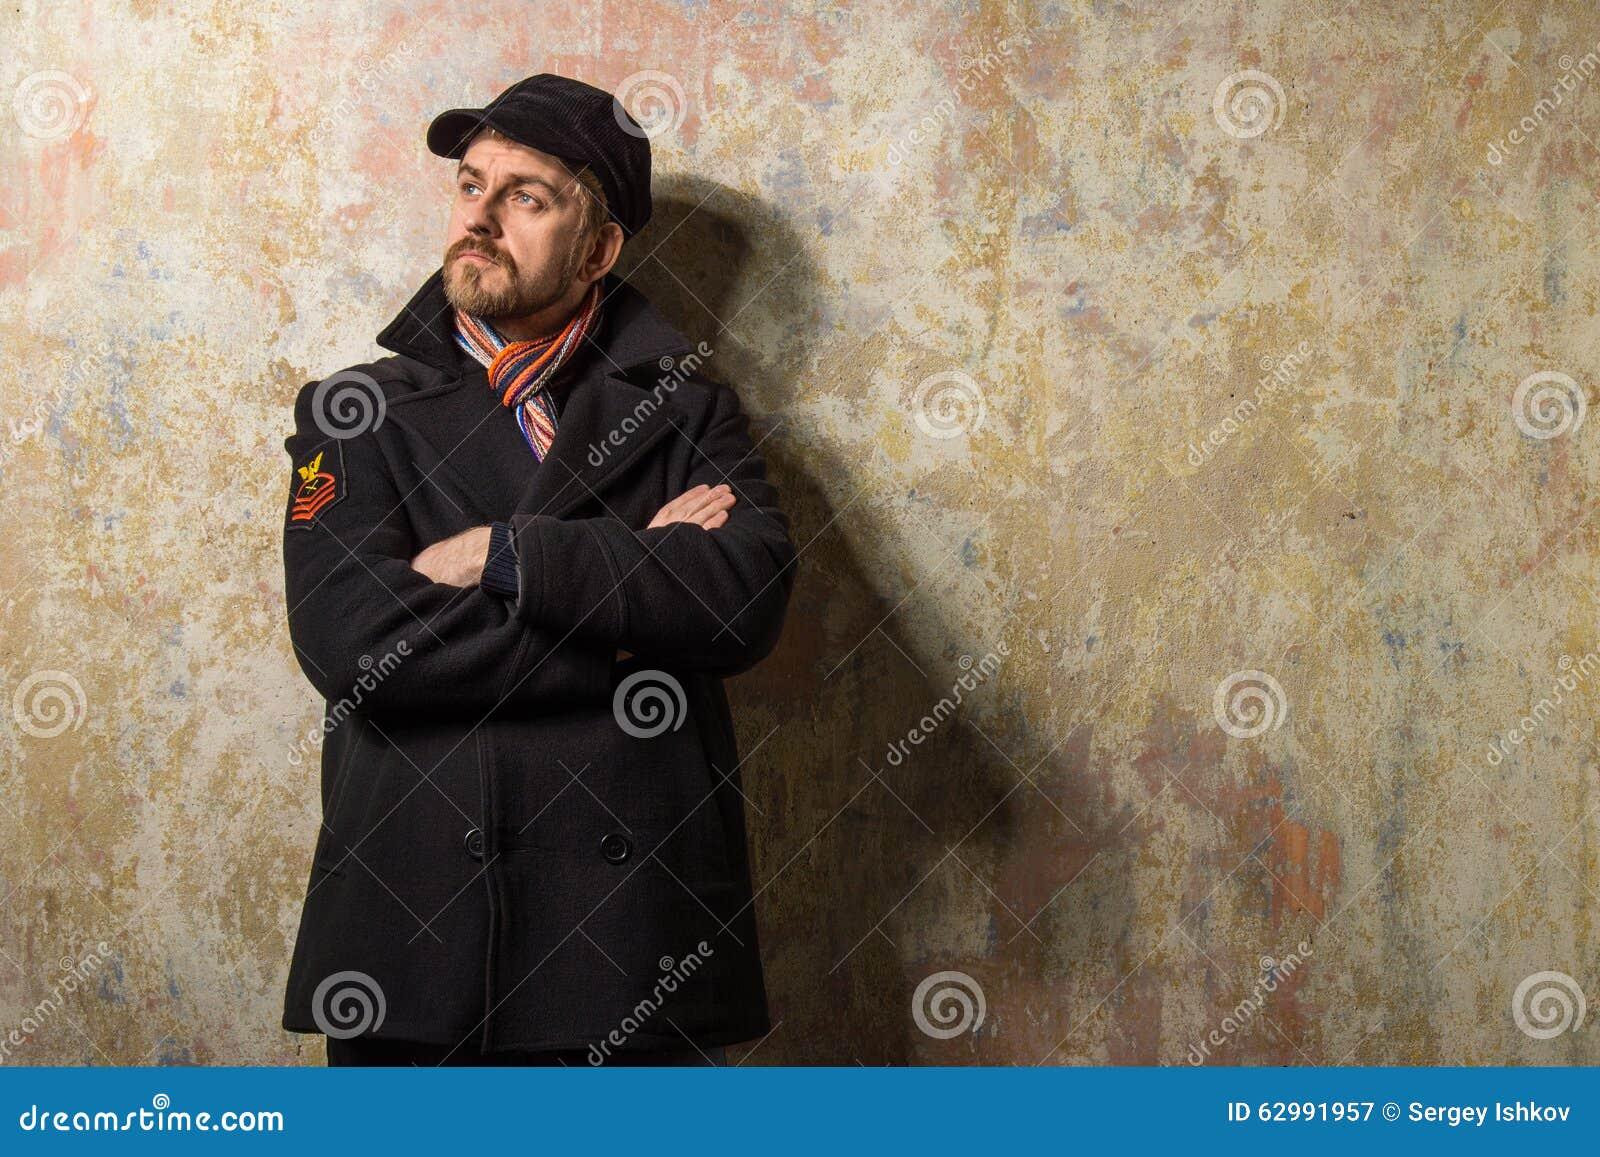 Coupe de cheveux pour hommes avec chapeau de sergey